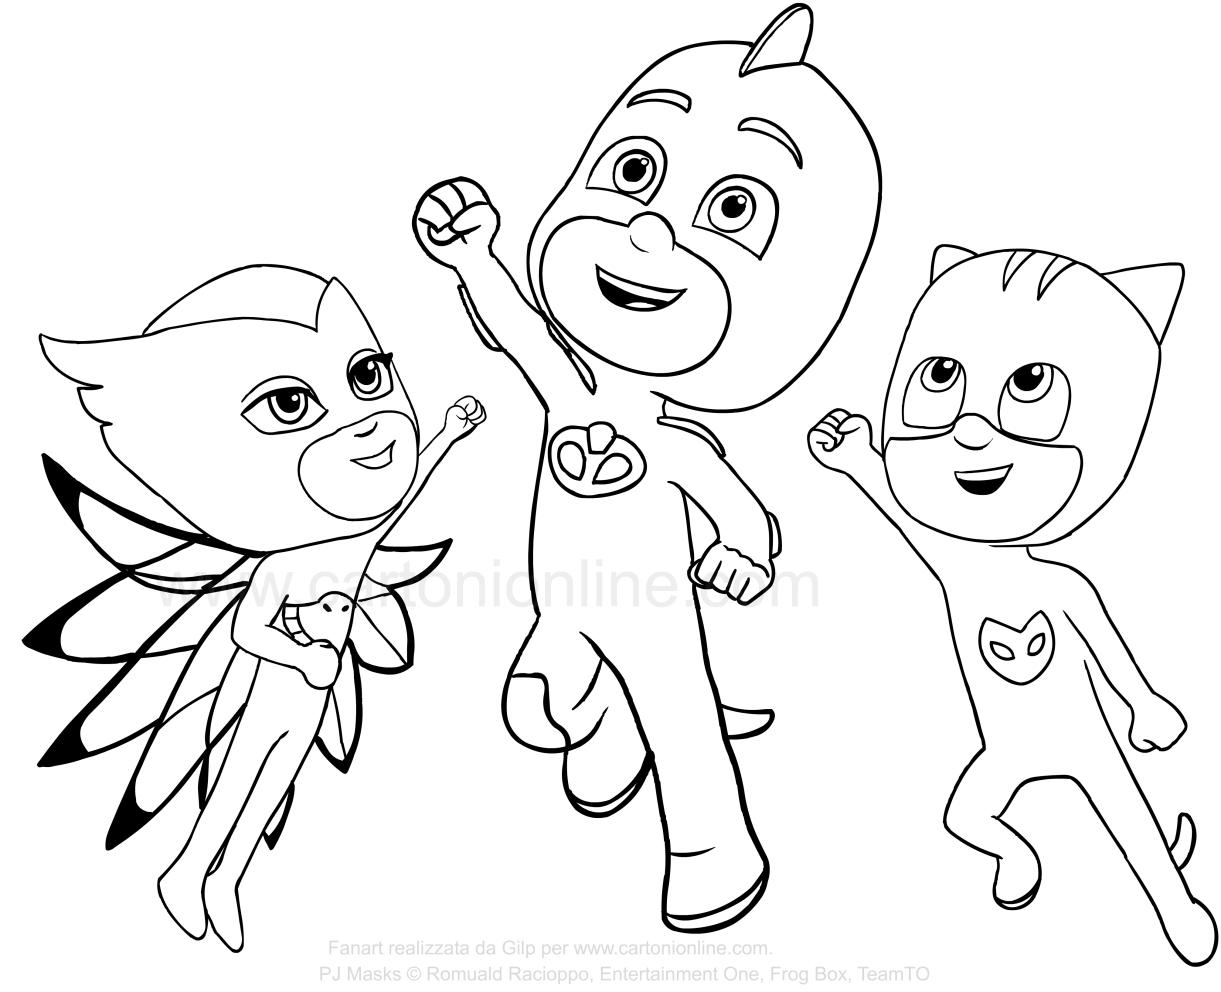 El pijama PJ Masks Super salta por la alegría de volar logrado el éxito contra los malos que quieren arruinar el día